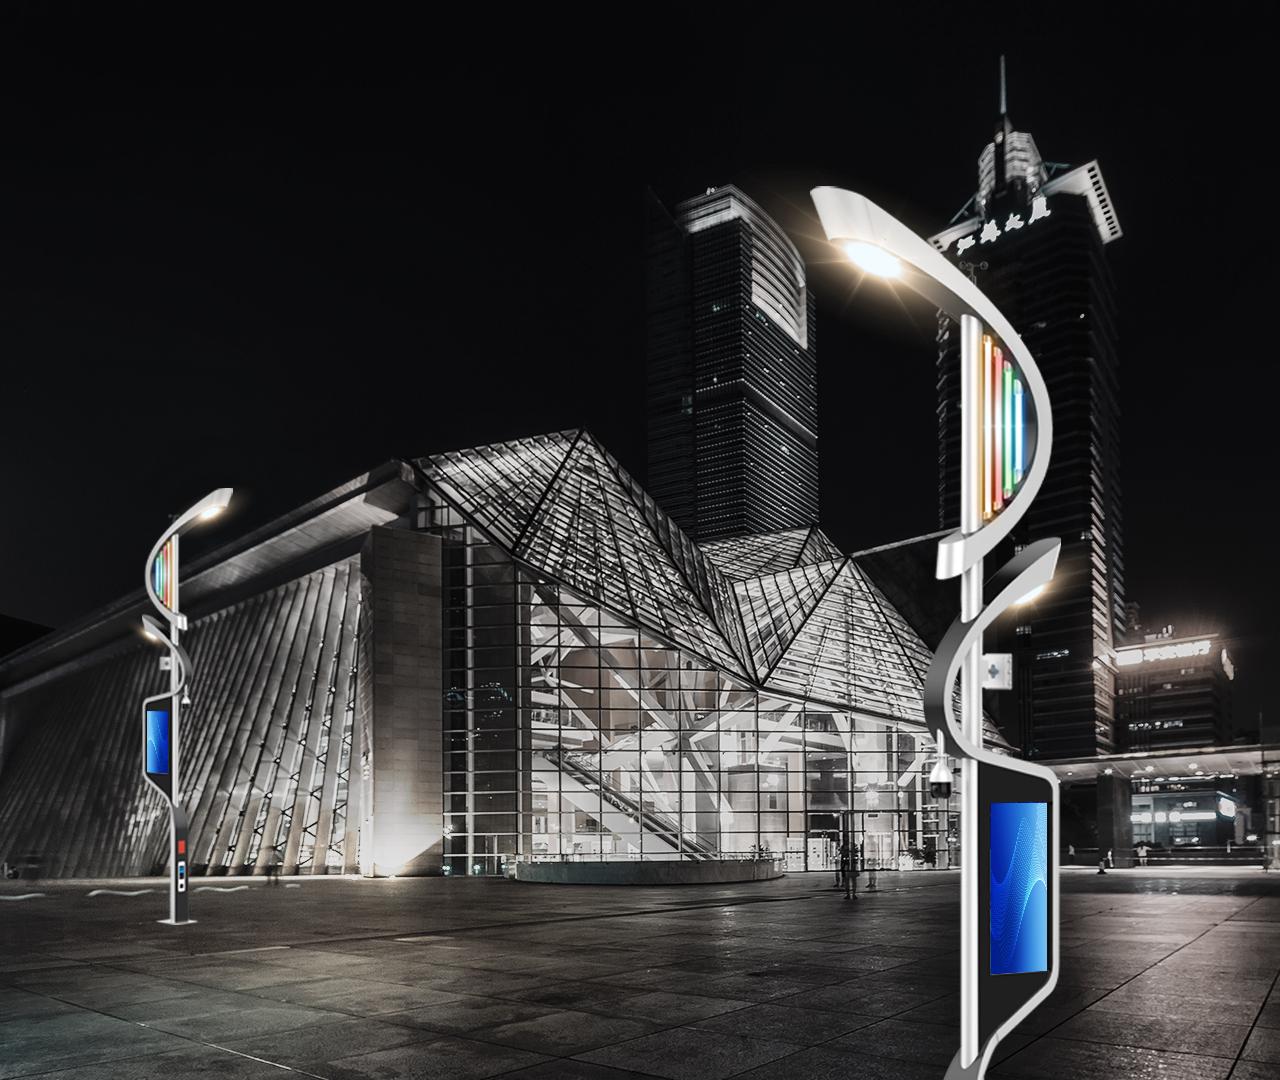 科技广场BoB全球体育投注平台道路路灯